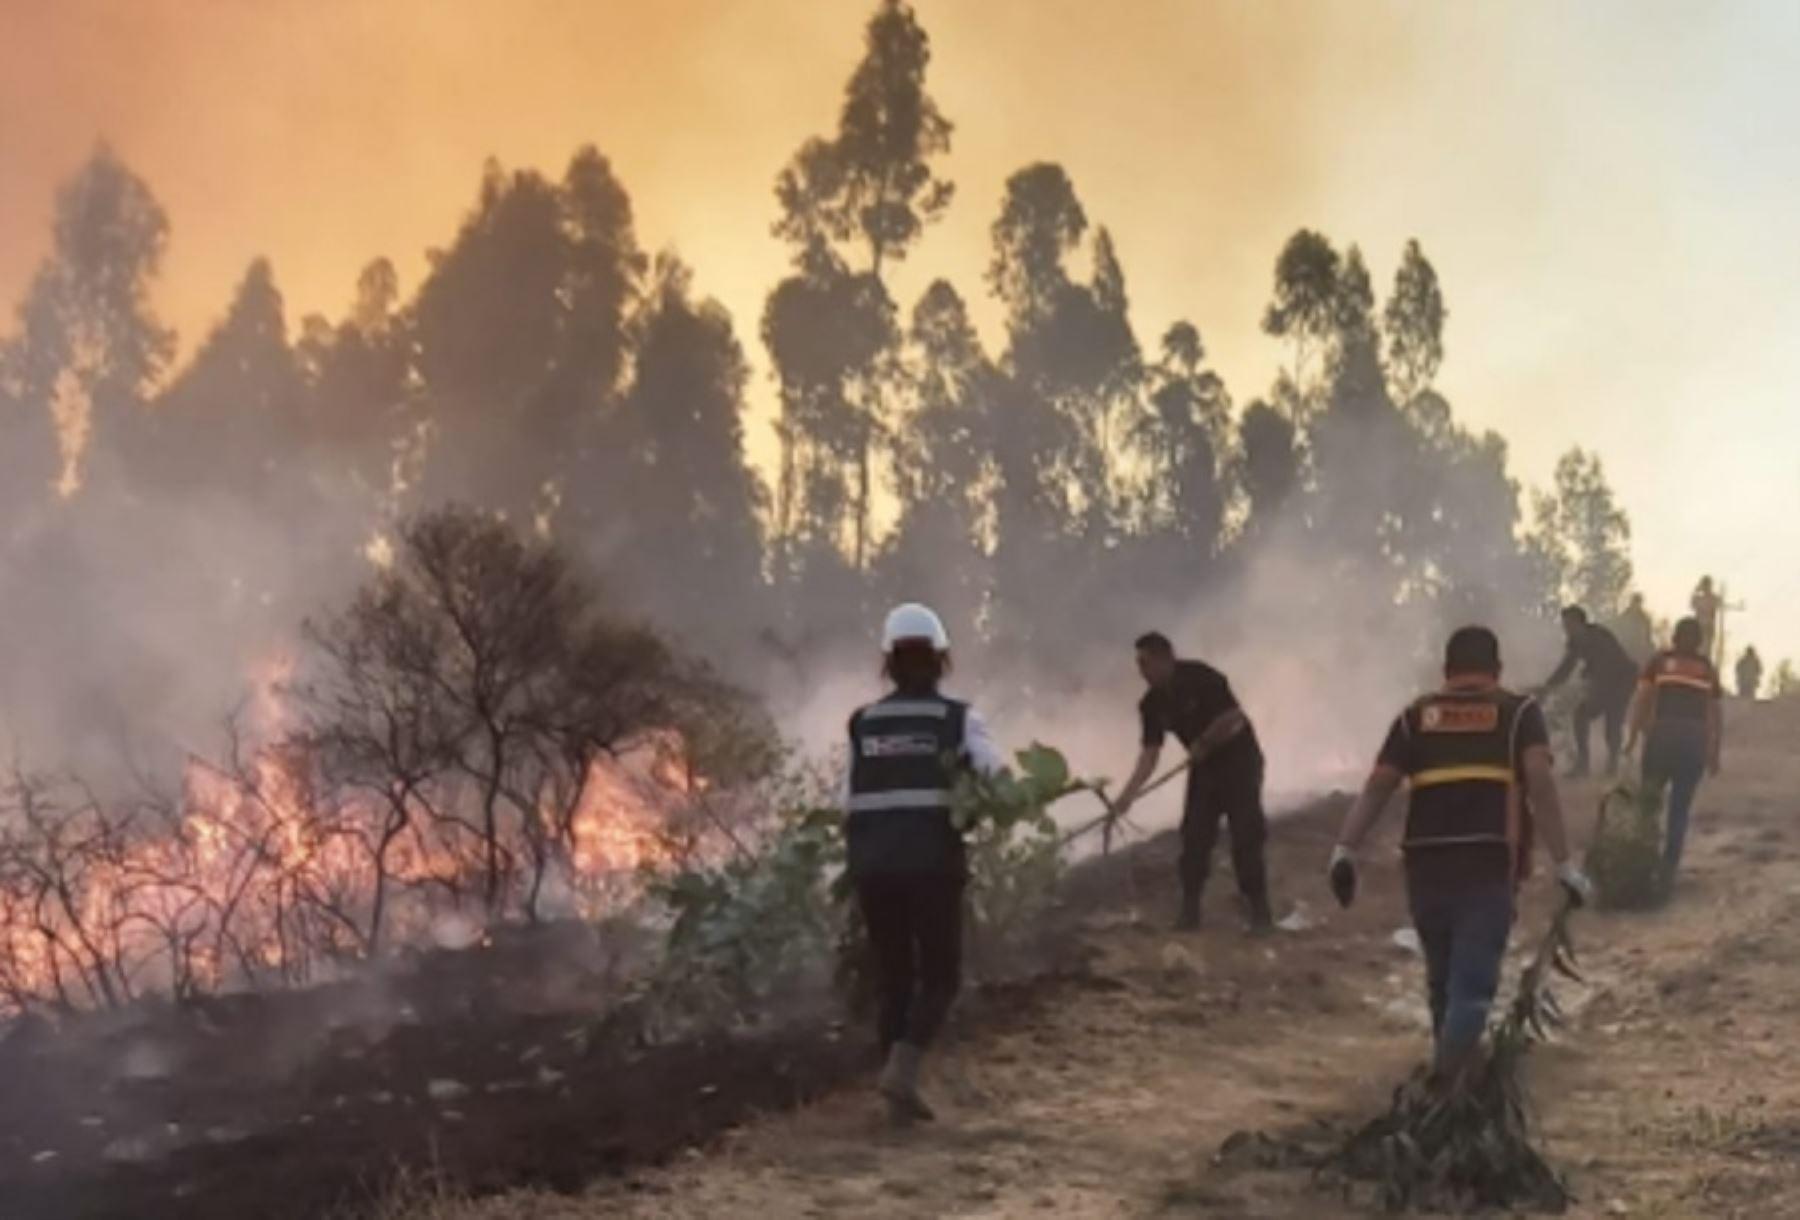 Los incendios forestales provocan la pérdida de nuestros bosques y de diferentes tipos de vegetación, así como la muerte de animales domésticos y silvestres. En el 98 % de los casos son ocasionados por el ser humano, luego de quemar los rastrojos o restos de sus cosechas y perder el control del fuego.